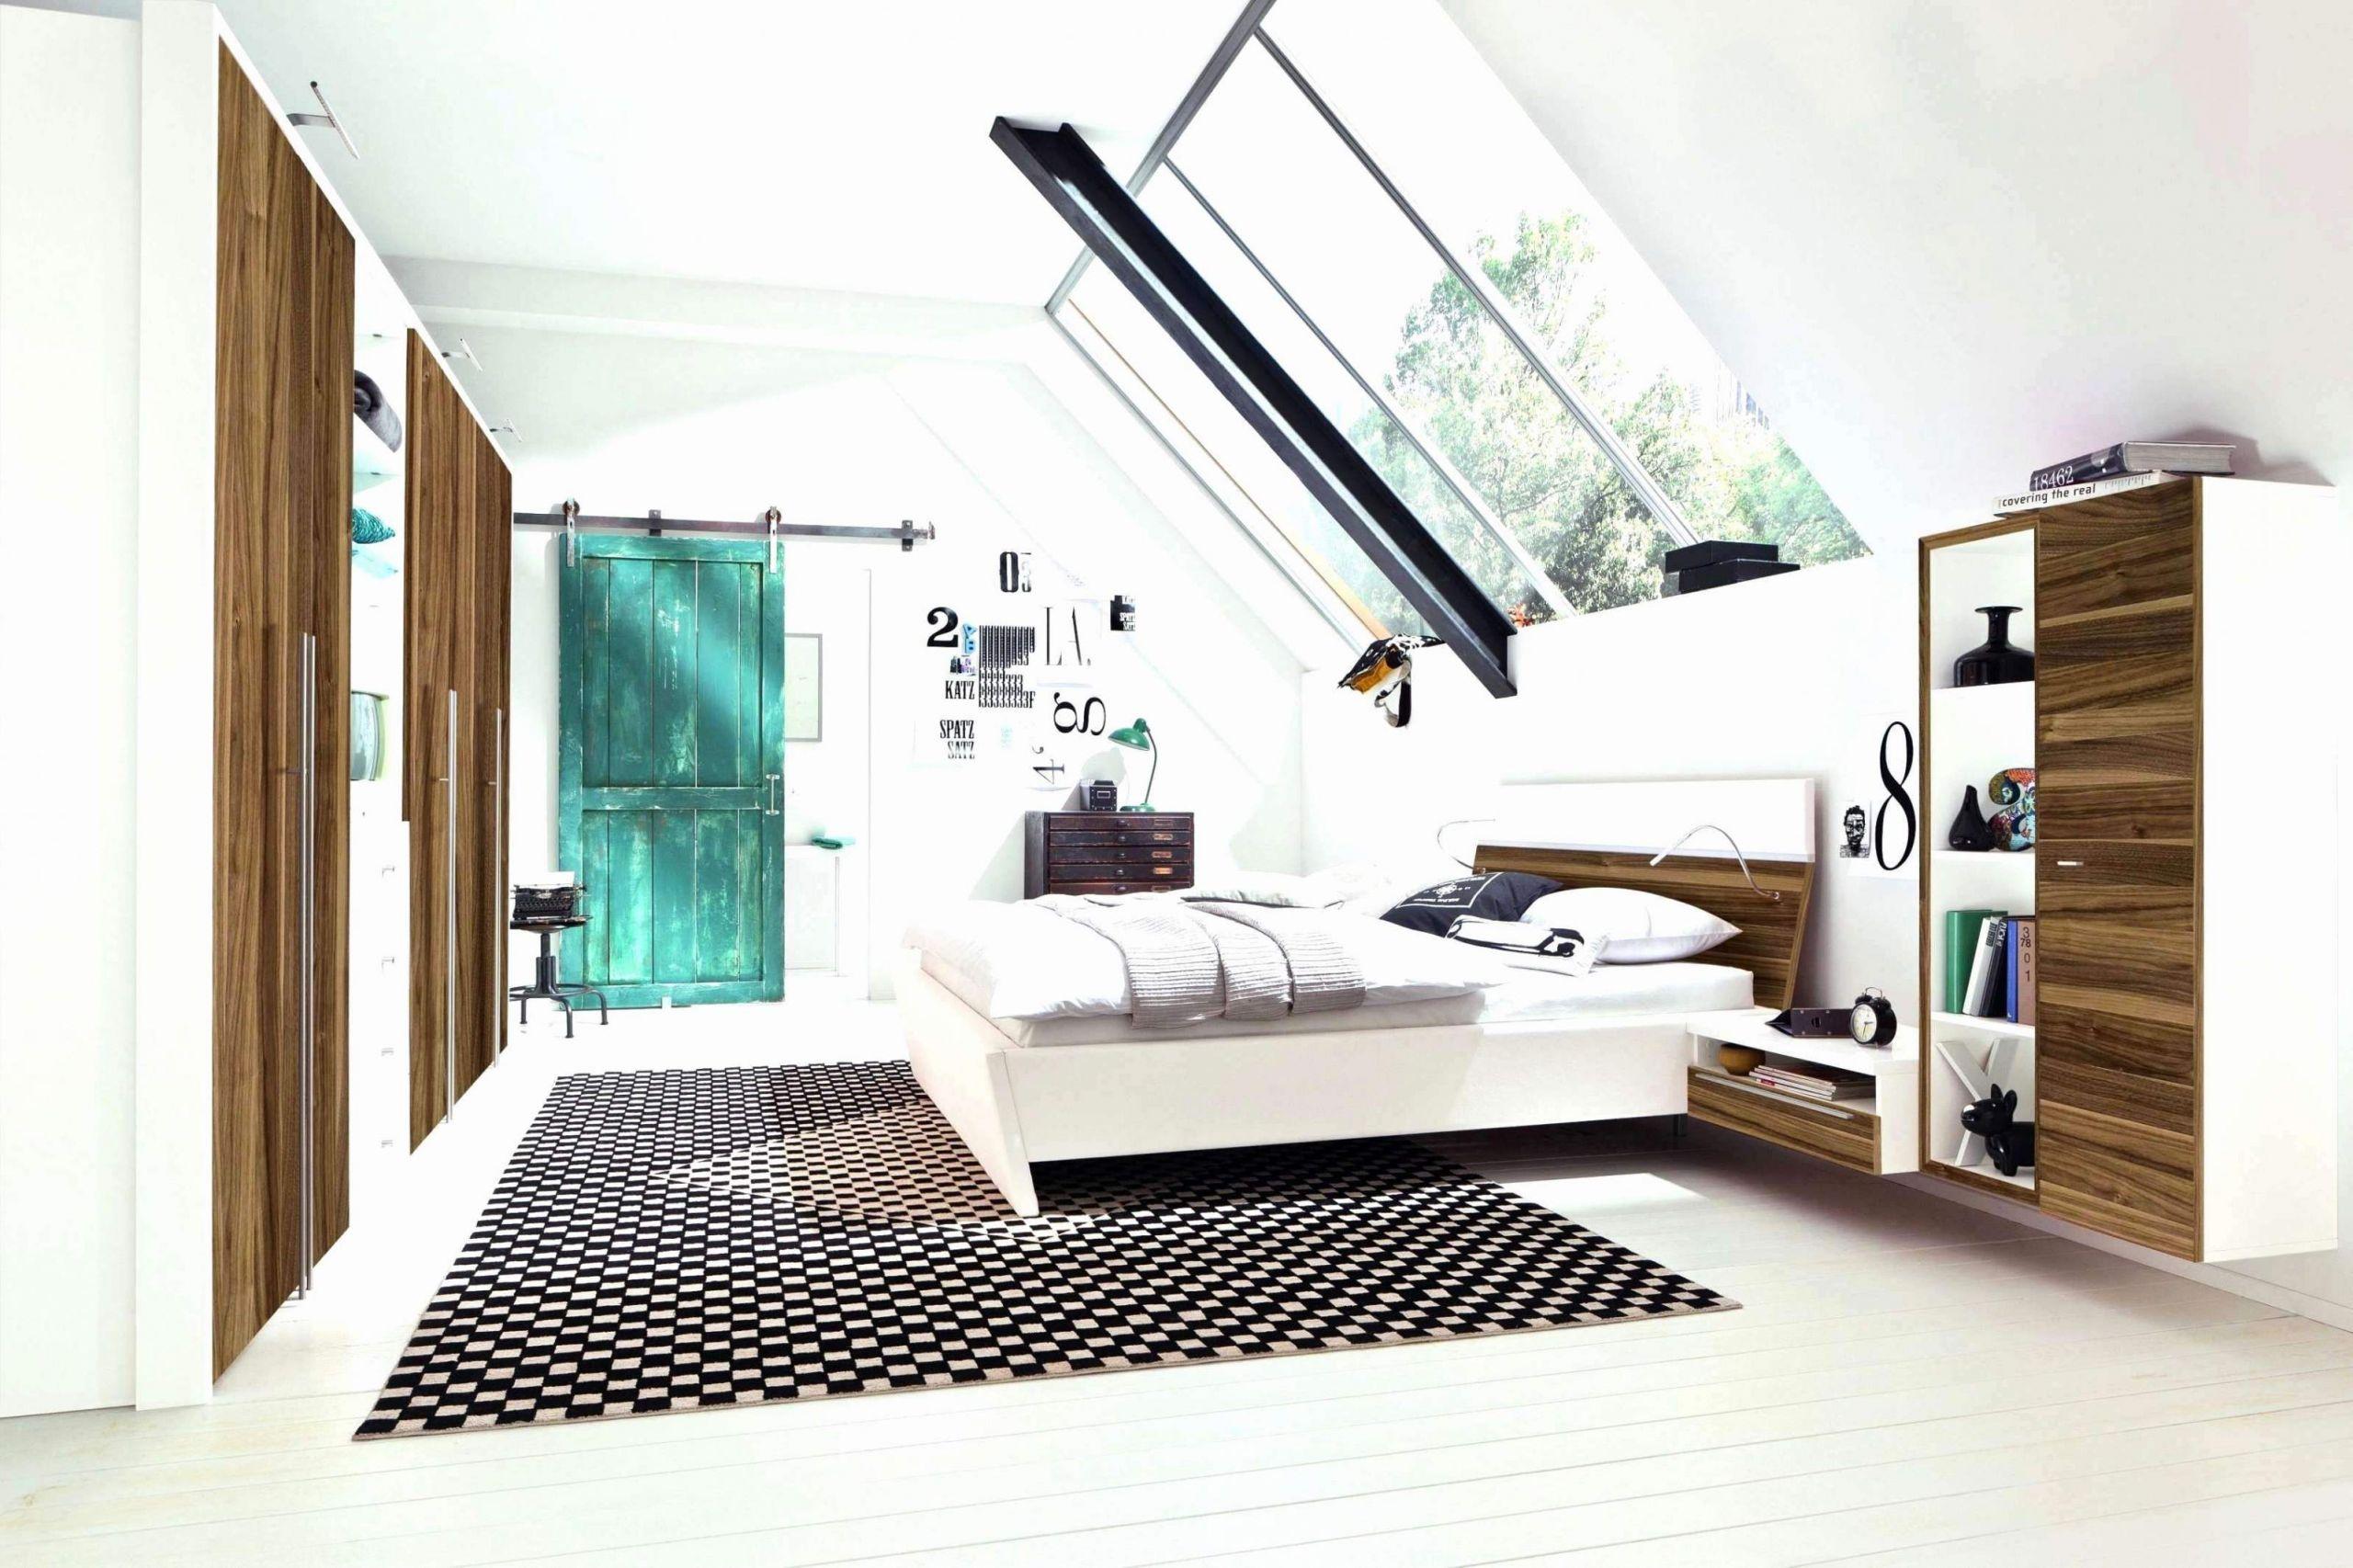 blumenampel wohnzimmer schon blumenampel selber machen temobardz home blog of blumenampel wohnzimmer